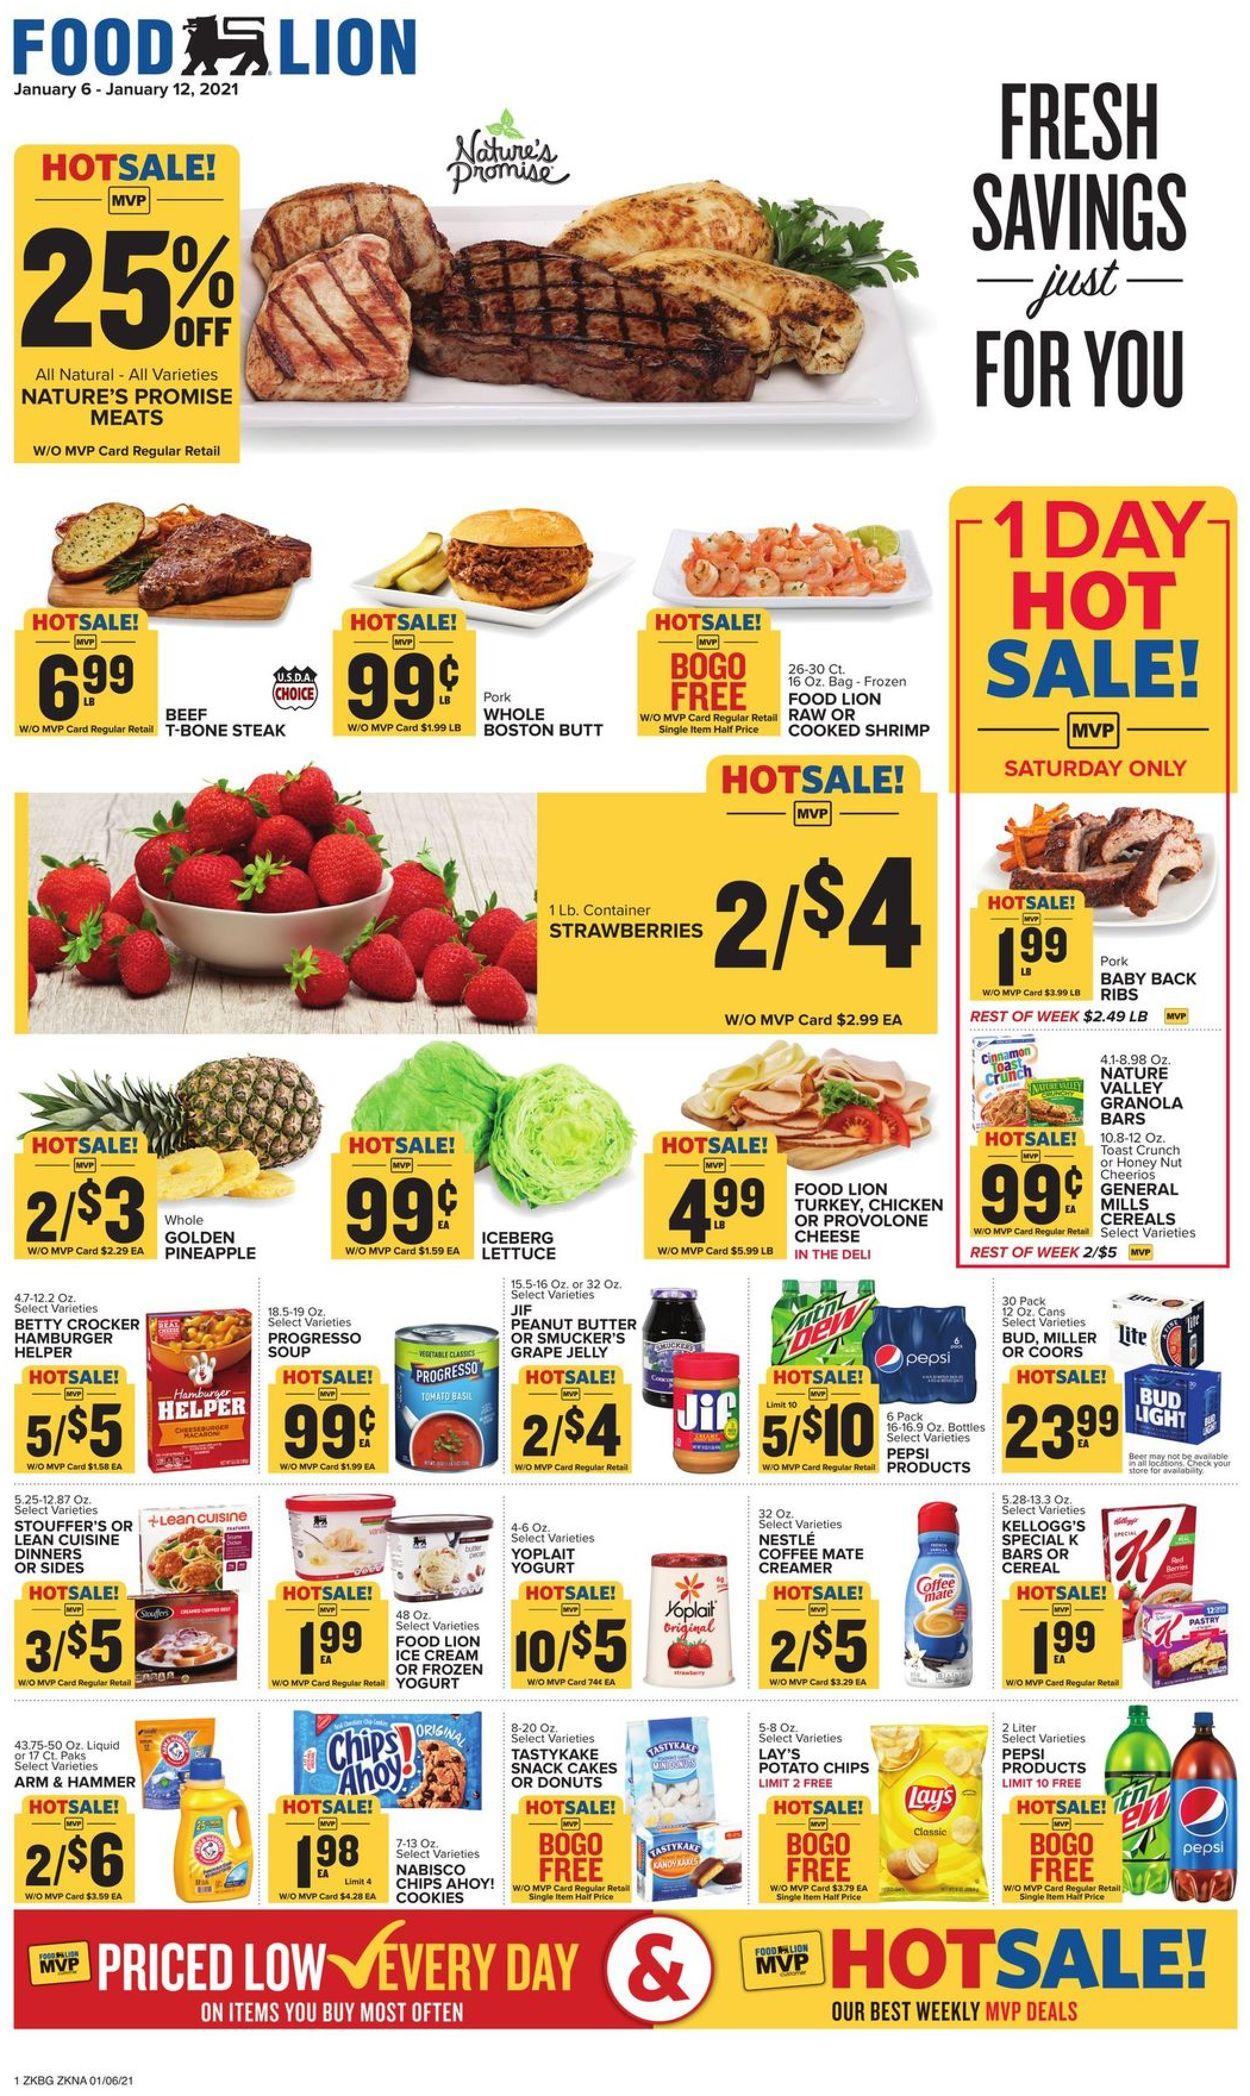 Food Lion Weekly Ad Circular - valid 01/06-01/12/2021